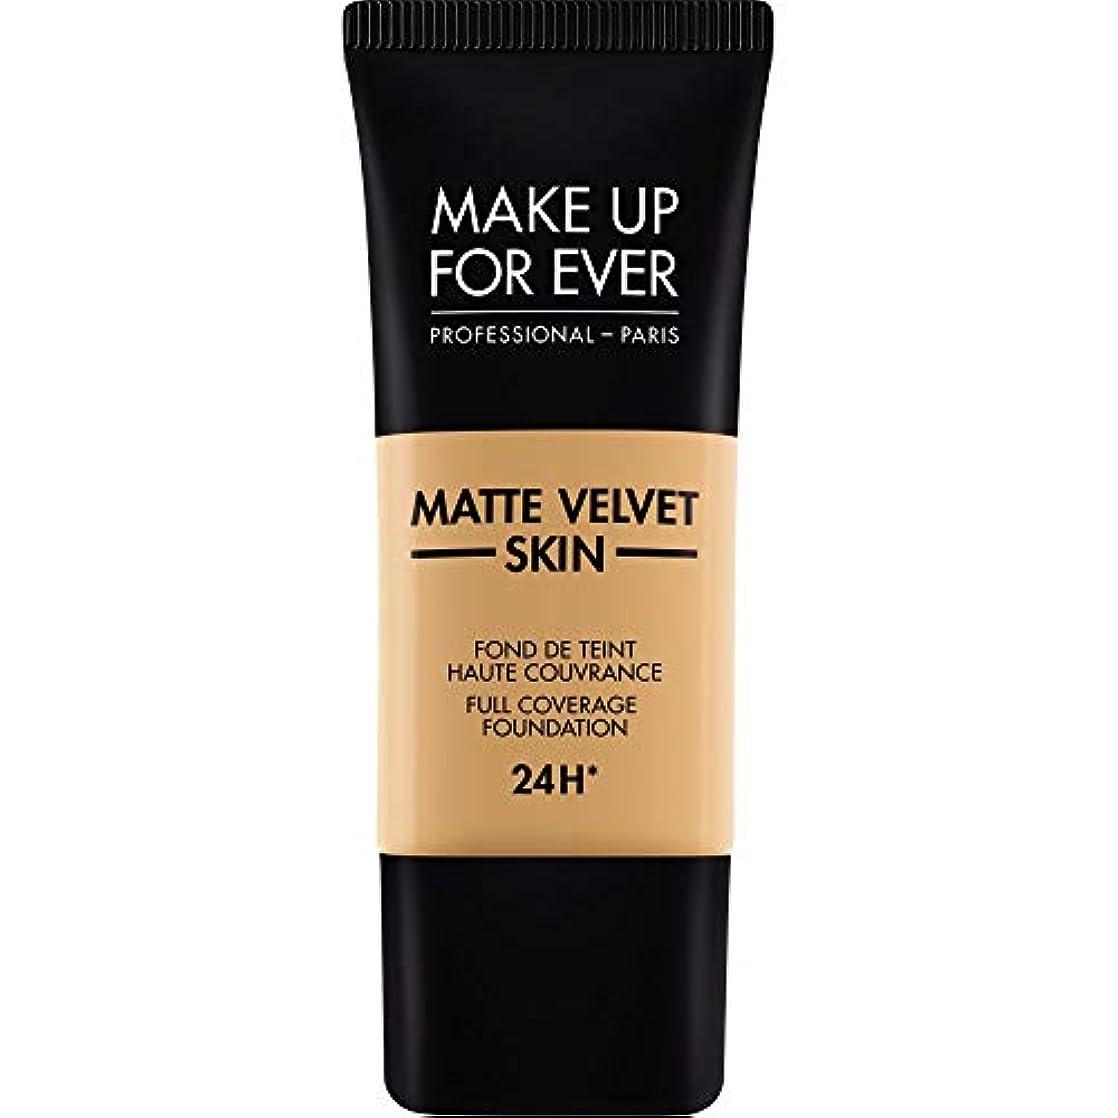 寓話斧制約[MAKE UP FOR EVER] 黄金の蜂蜜 - これまでマットベルベットの皮膚のフルカバレッジ基礎30ミリリットルのY405を補います - MAKE UP FOR EVER Matte Velvet Skin Full...